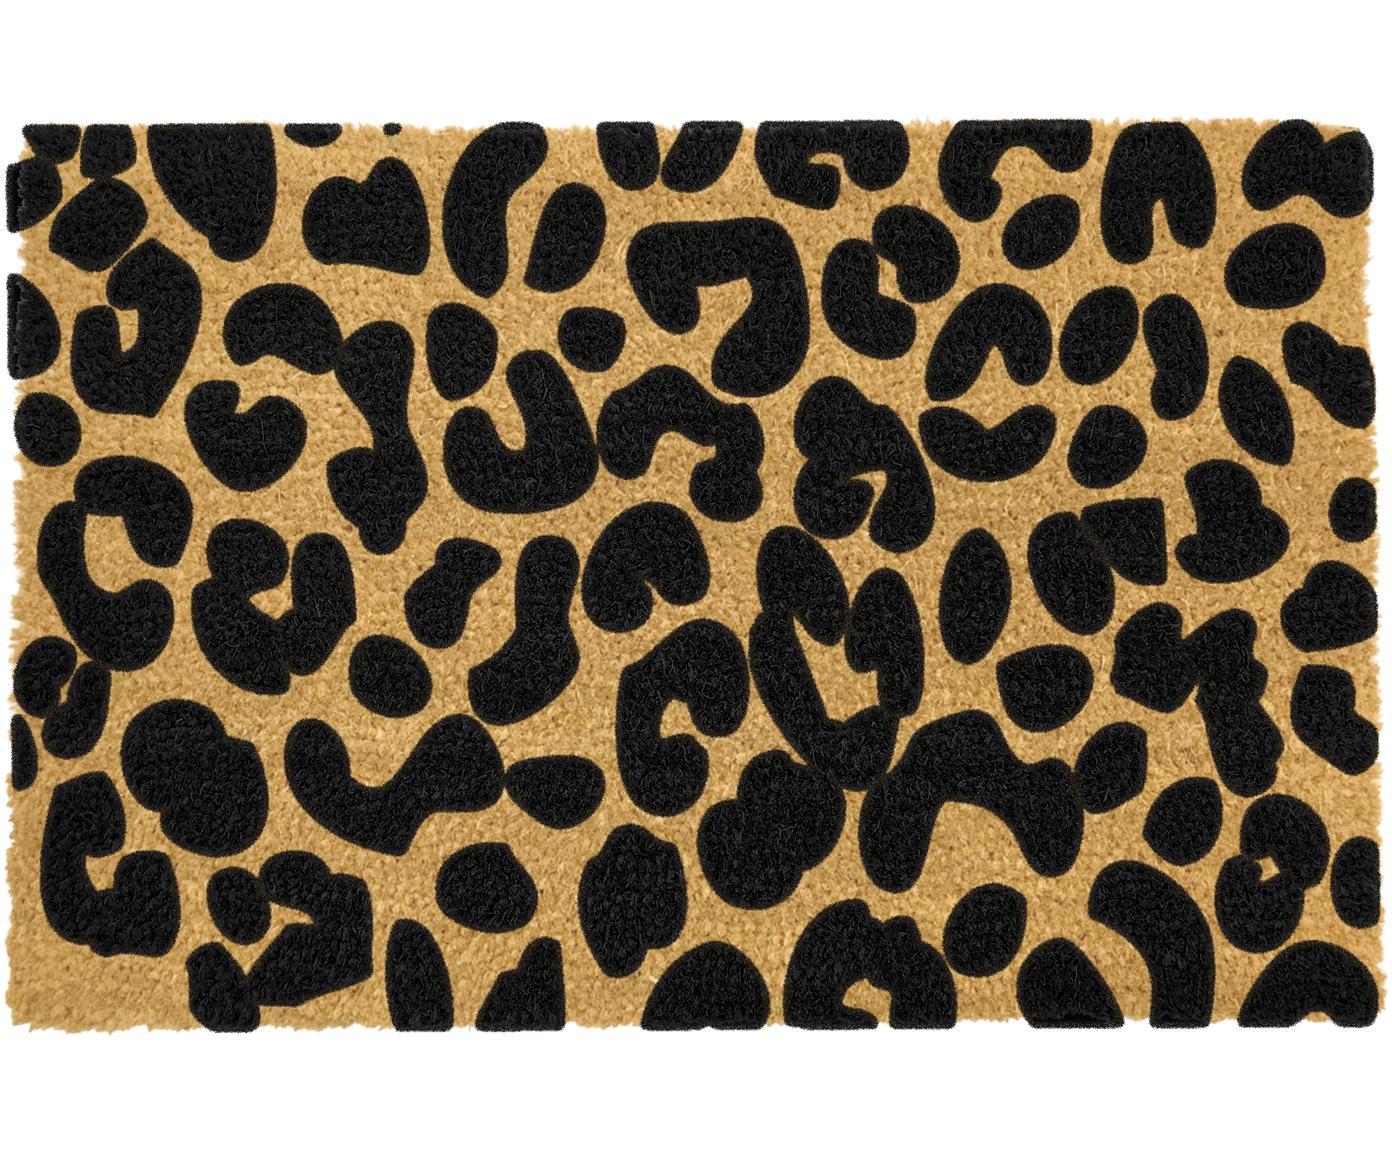 Deurmat Leopard, Bovenzijde: kokosvezels, Onderzijde: PVC, Beige, zwart, 40 x 60 cm